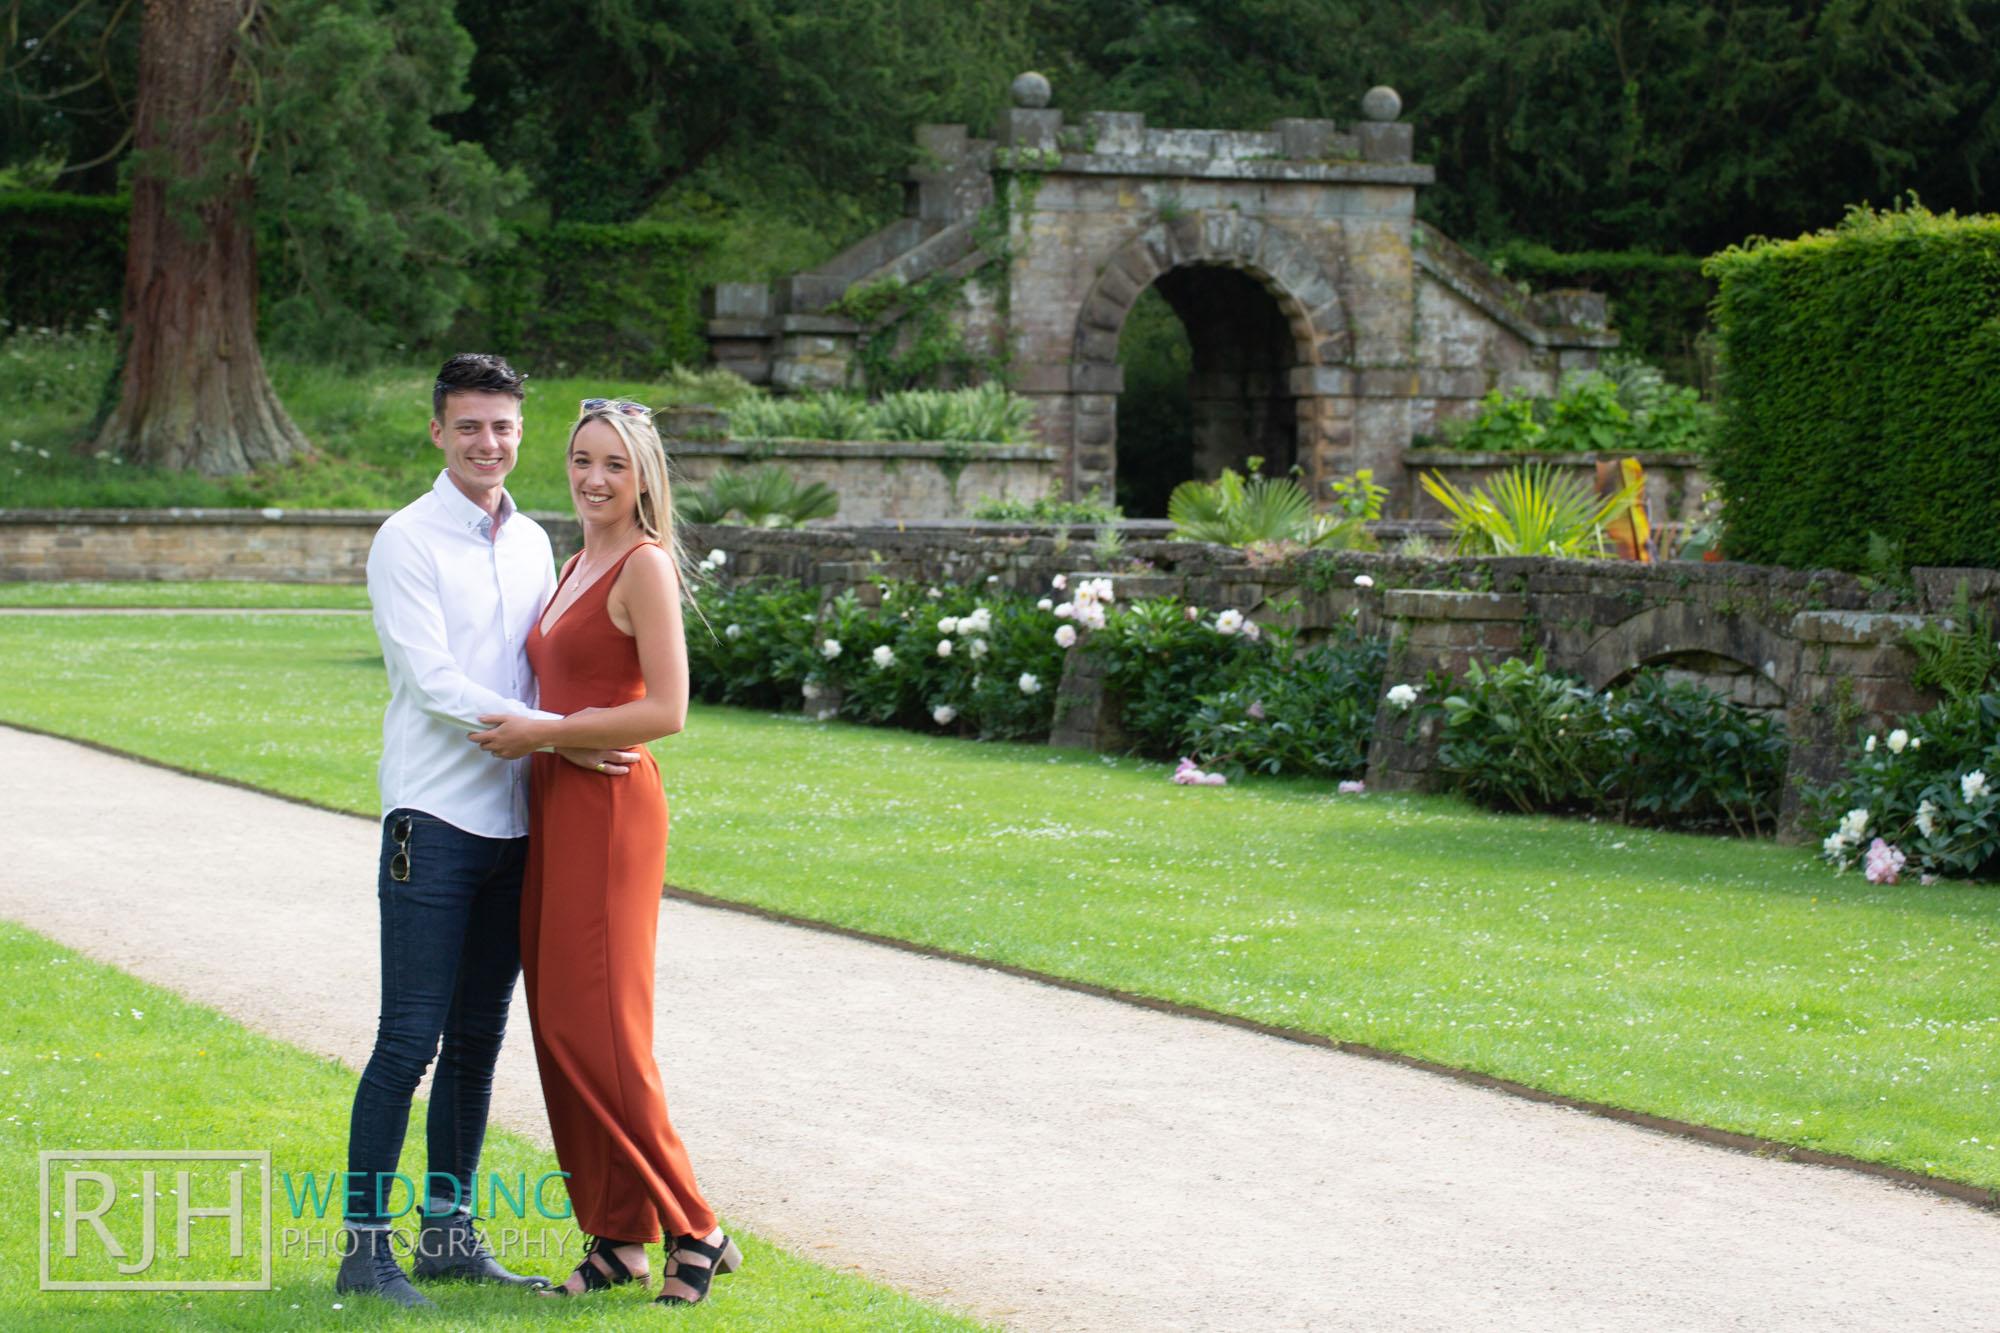 Chatsworth House Wedding Photographer_Glen & Lauren_002_RJH10036.jpg